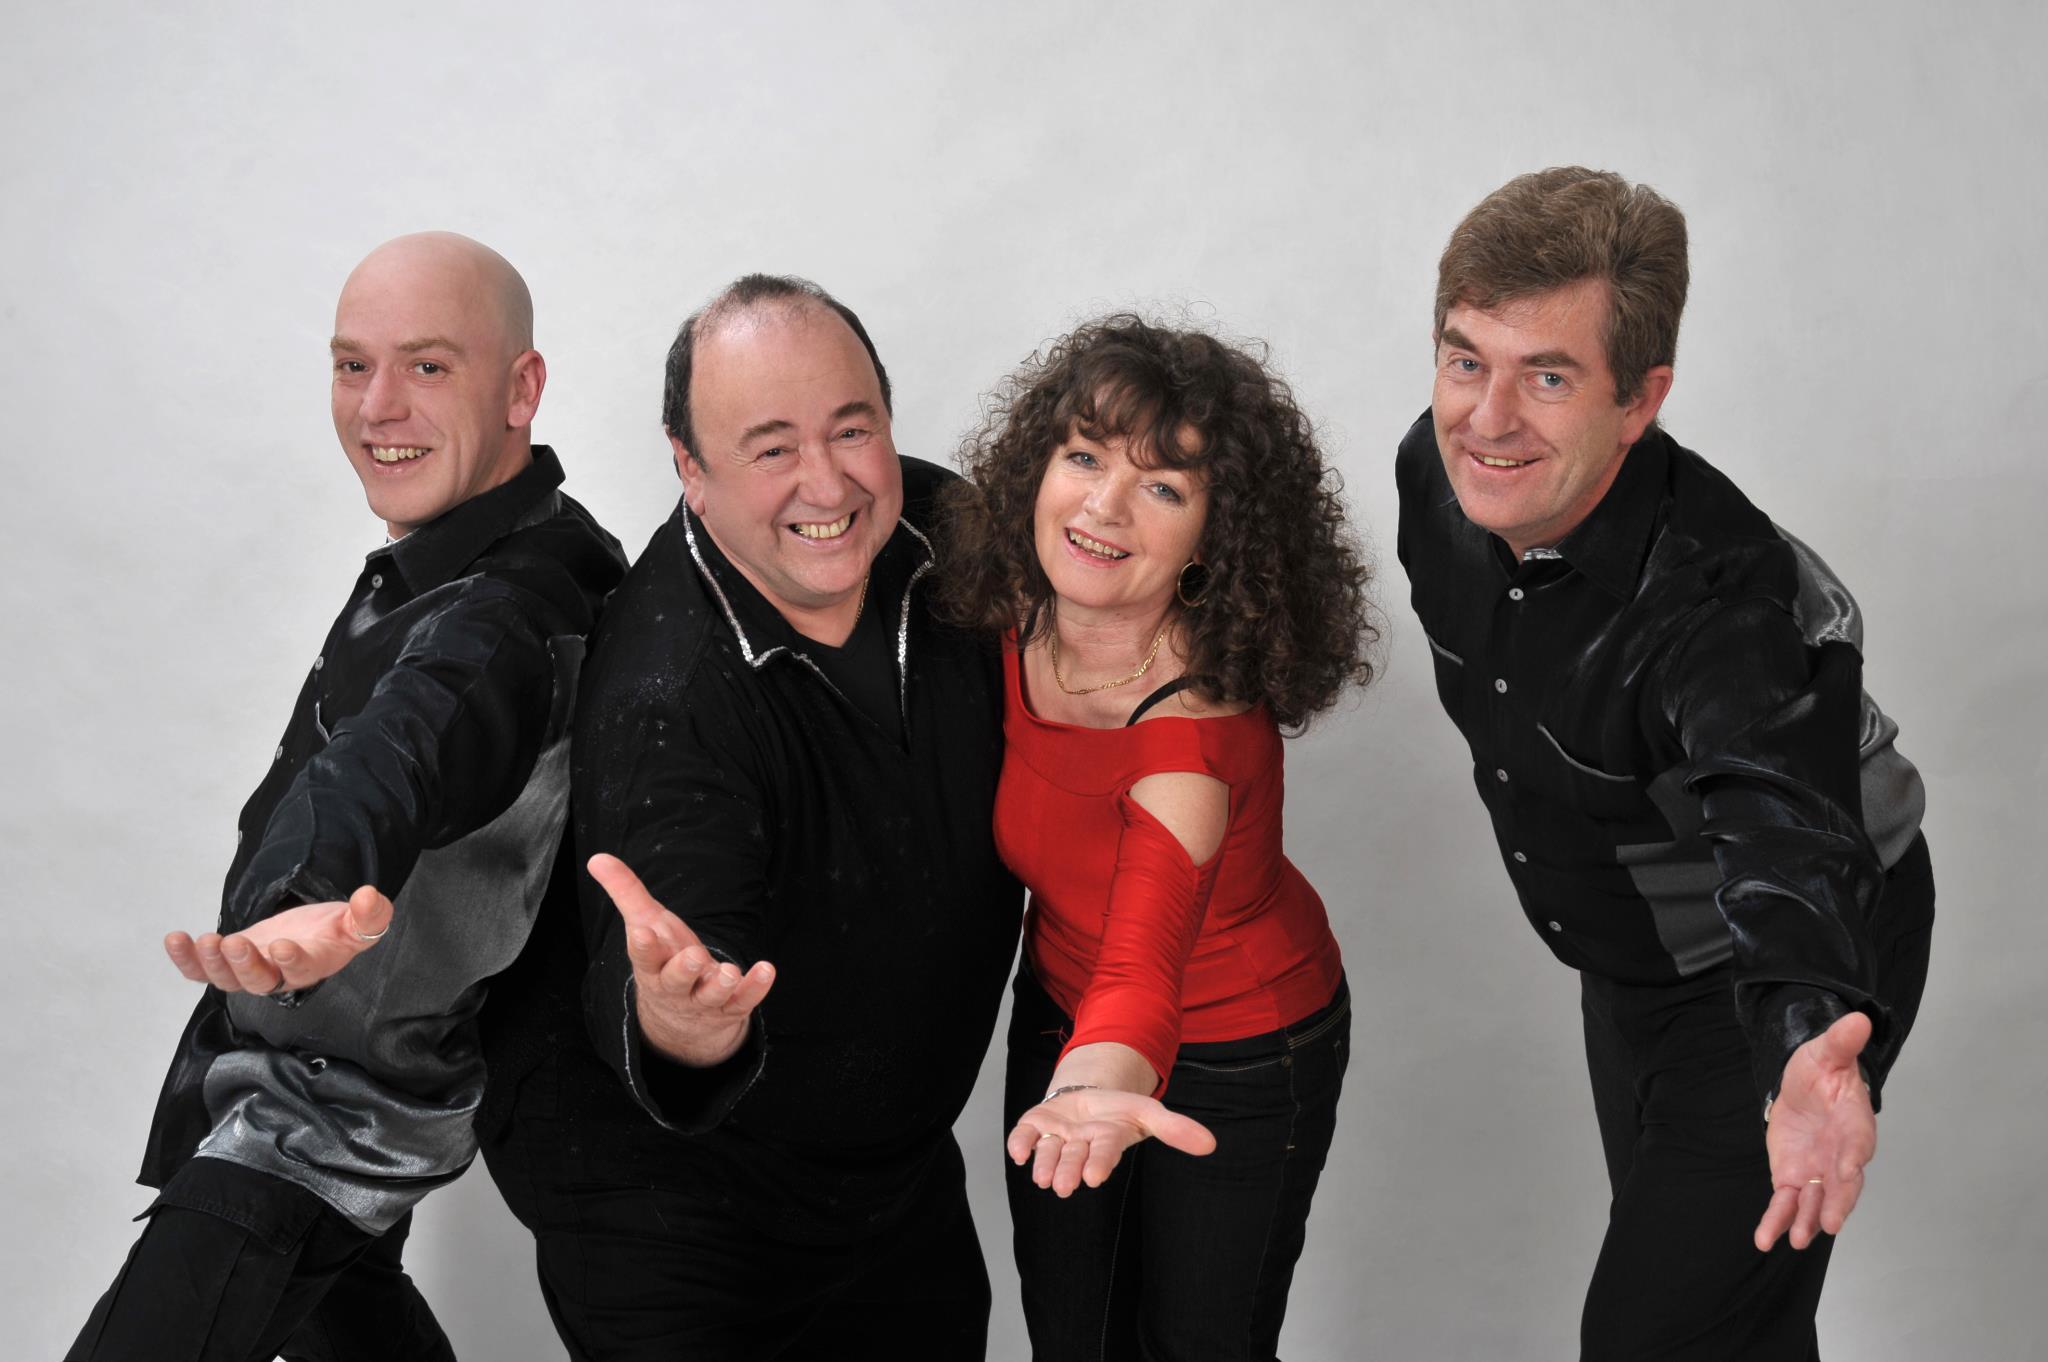 AlbTRAUM – Die Party-Band aus Füssen im Allgäu